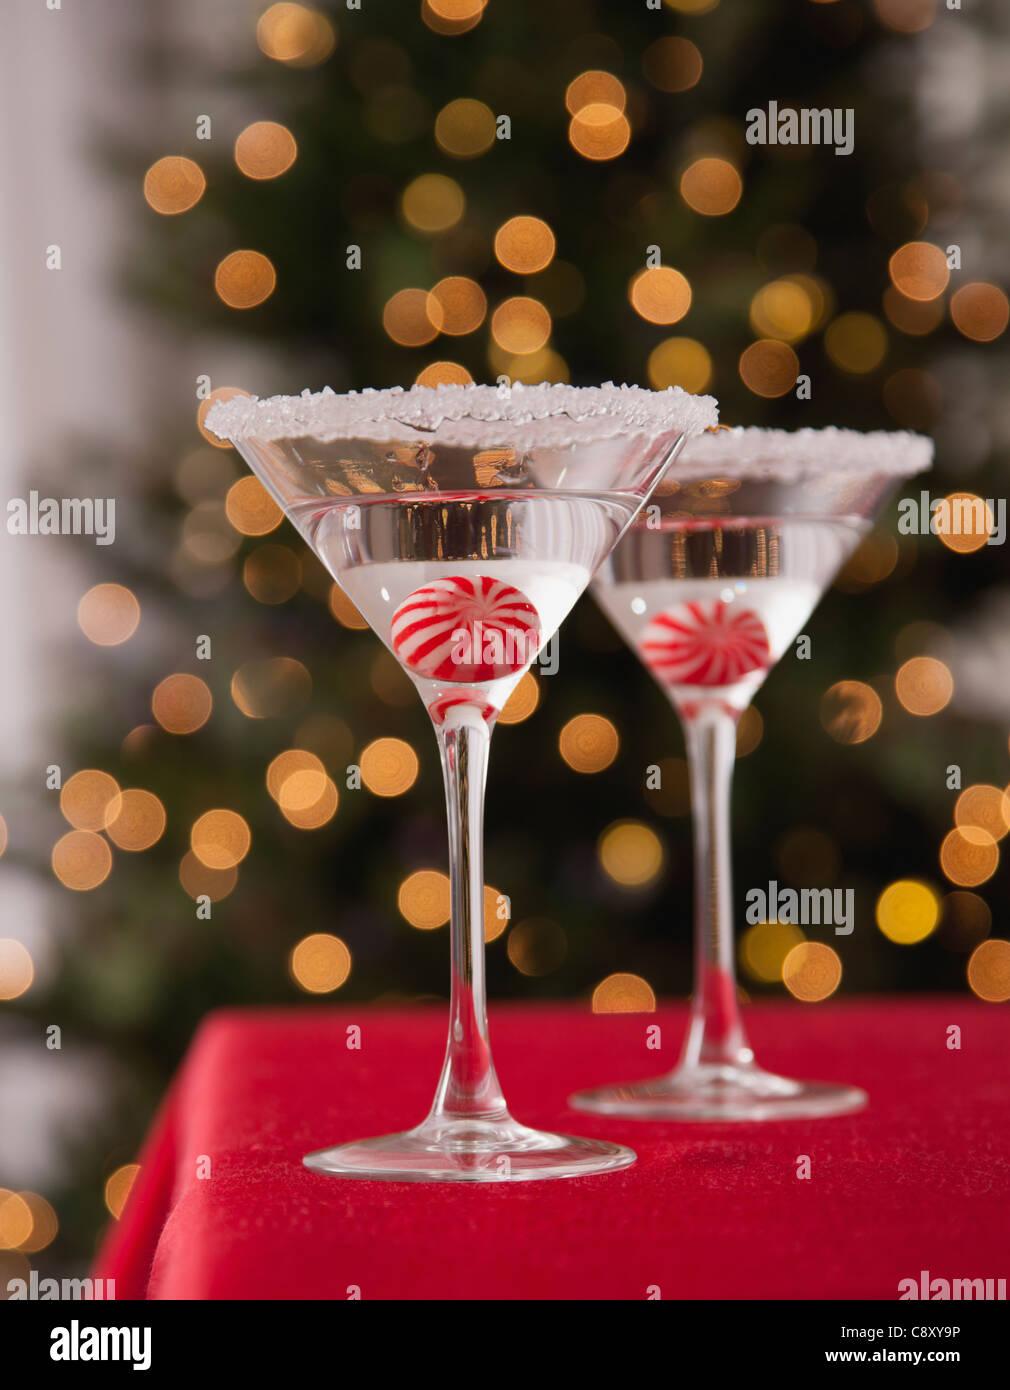 USA, Illinois, Metamora, Martini-Gläser mit Bonbons im Inneren gegen beleuchtete Weihnachtsbaum Stockbild